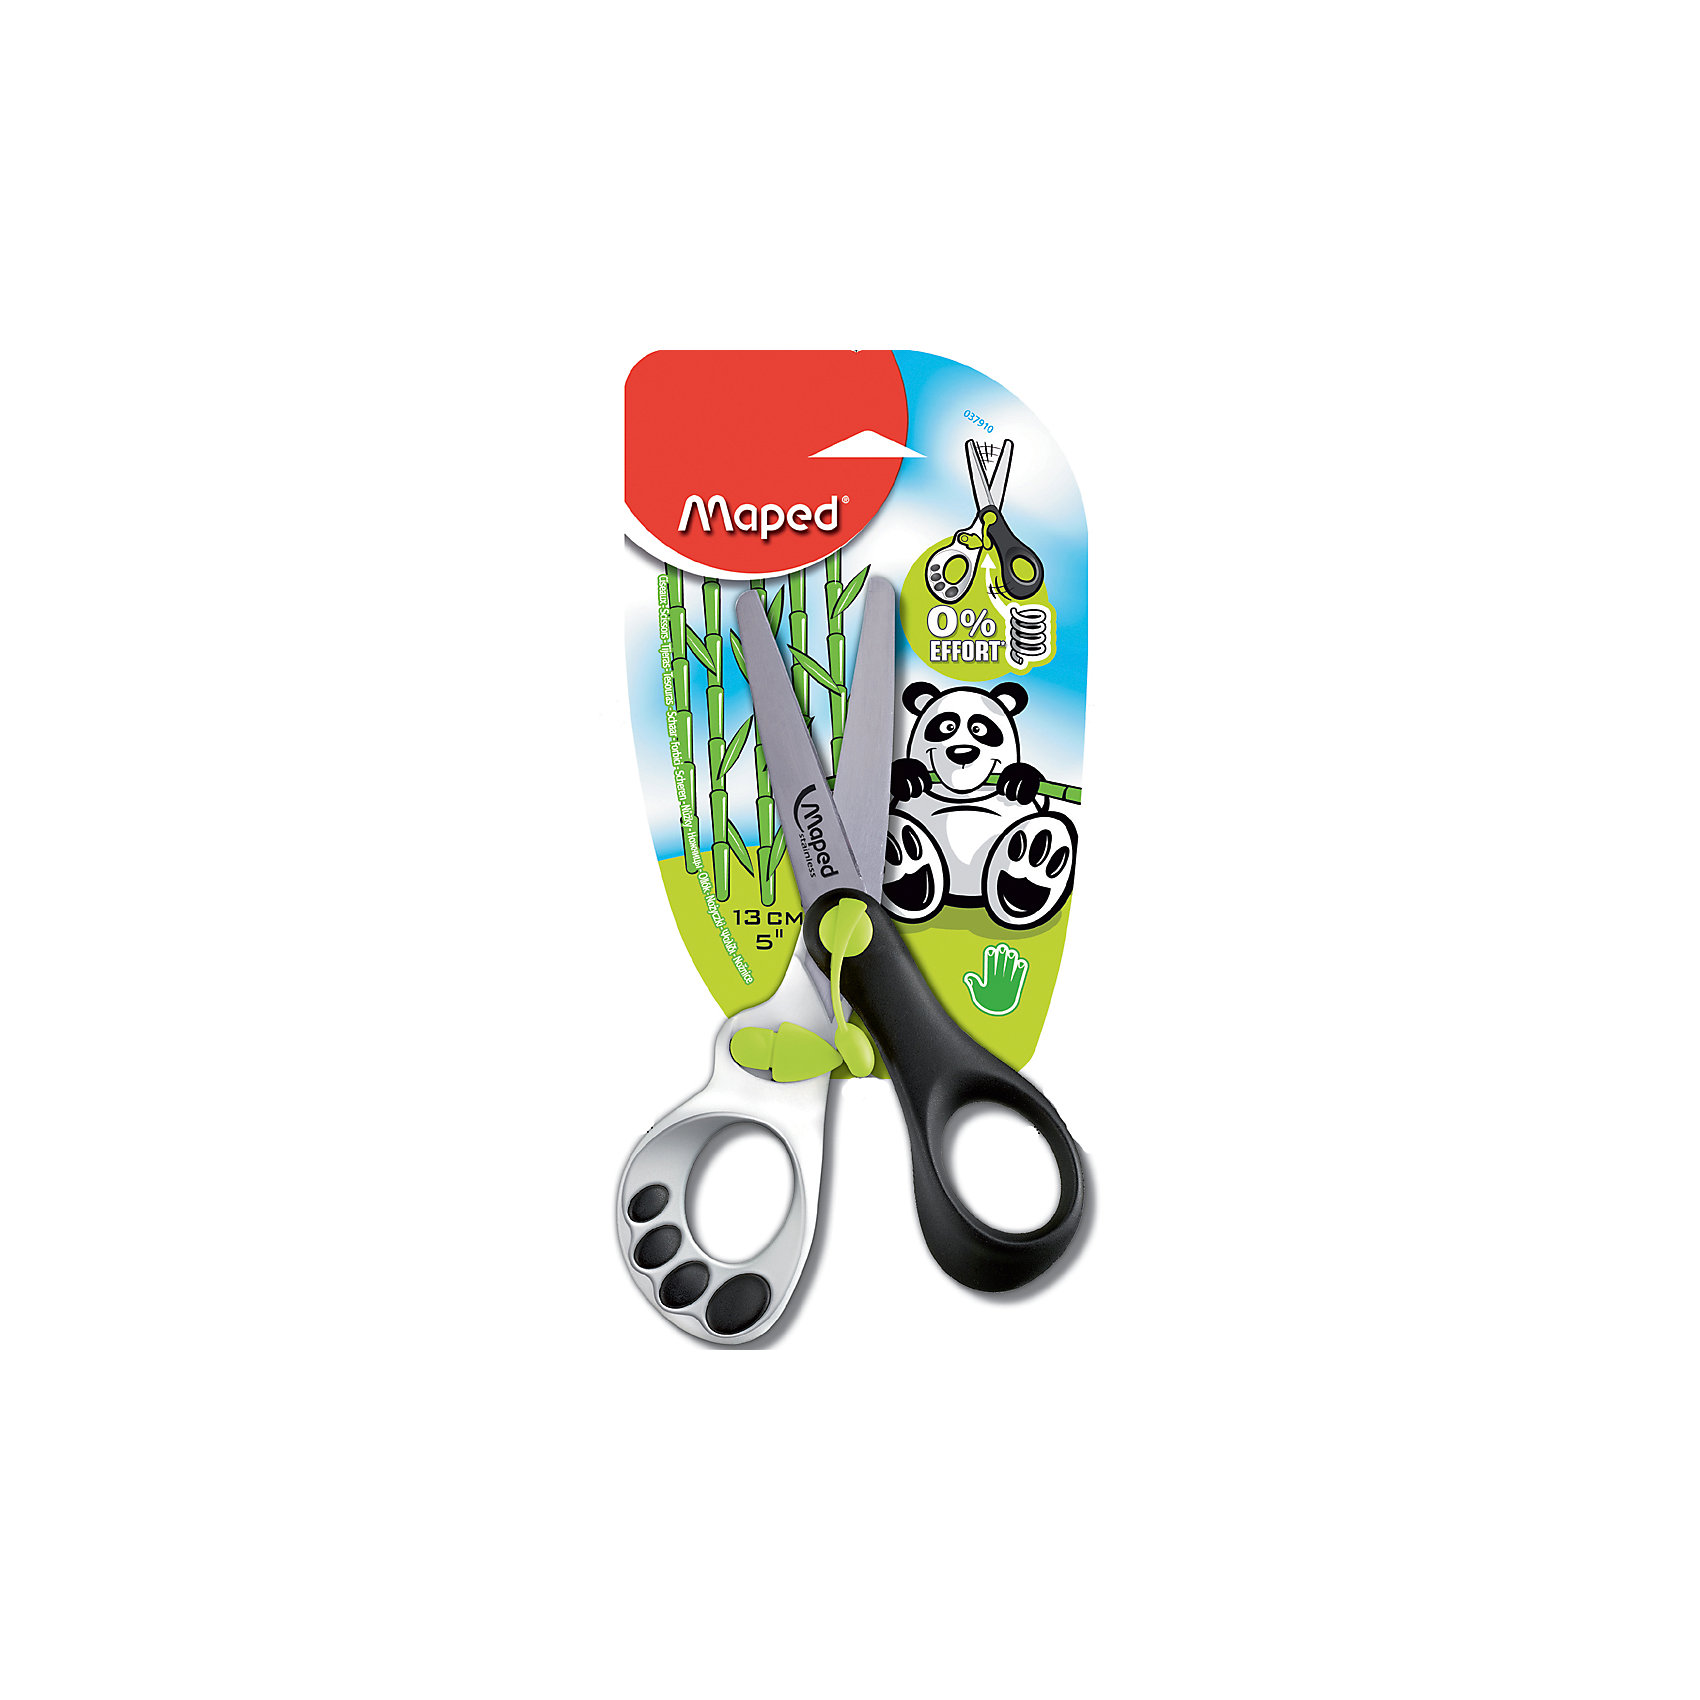 Ножницы KOOPY, 13 смНожницы KOOPY, 13 см от марки Maped<br><br>Эти ножницы созданы специально для малышей. Ими очень легко вырезать. Ручки - из безопасного пластика, эргономичные, удобные.<br>Конструкция разработана для детской руки. Лезвия - закругленные, безопасные. Одна из ручек украшена забавной лапой панды.<br><br>Особенности данной модели:<br><br>закругленные лезвия;<br>цвет: разноцветные;<br>длина - 13 см.<br><br>Ножницы KOOPY, 13 см от марки Maped можно купить в нашем магазине.<br><br>Ширина мм: 15<br>Глубина мм: 76<br>Высота мм: 173<br>Вес г: 33<br>Возраст от месяцев: 72<br>Возраст до месяцев: 1188<br>Пол: Унисекс<br>Возраст: Детский<br>SKU: 2418860